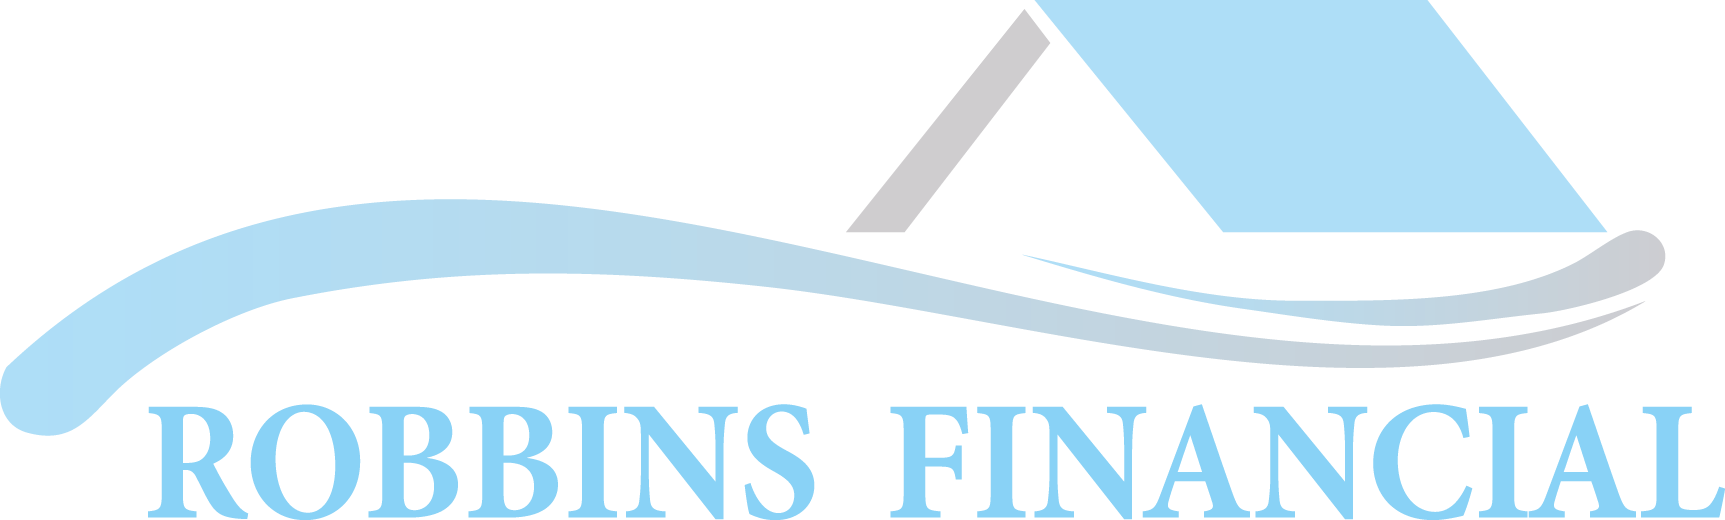 ROBBINS FINANCIAL Logo.png